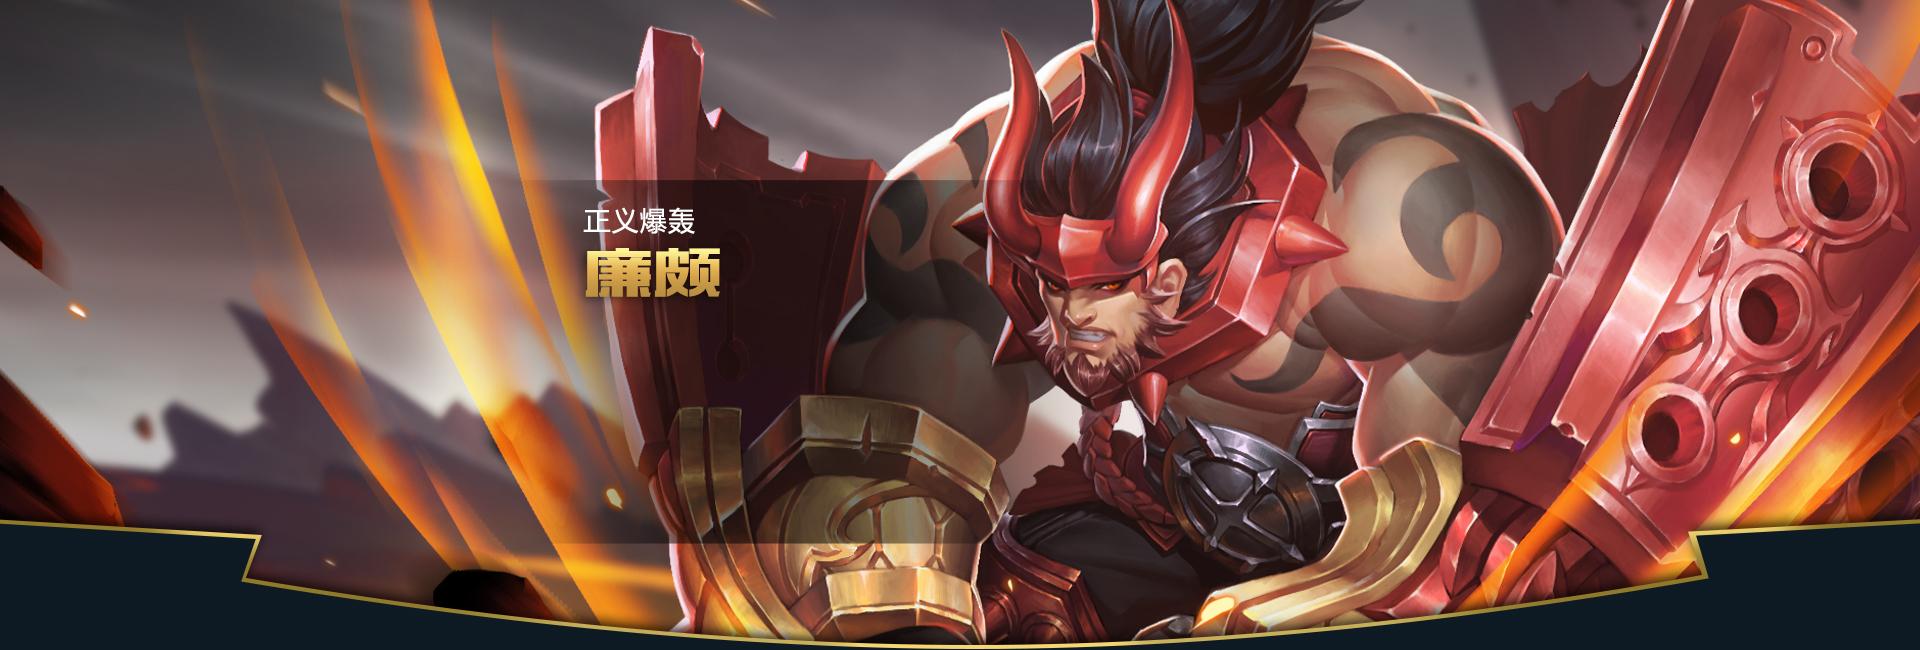 第2弹《王者荣耀英雄皮肤CG》竞技游戏90